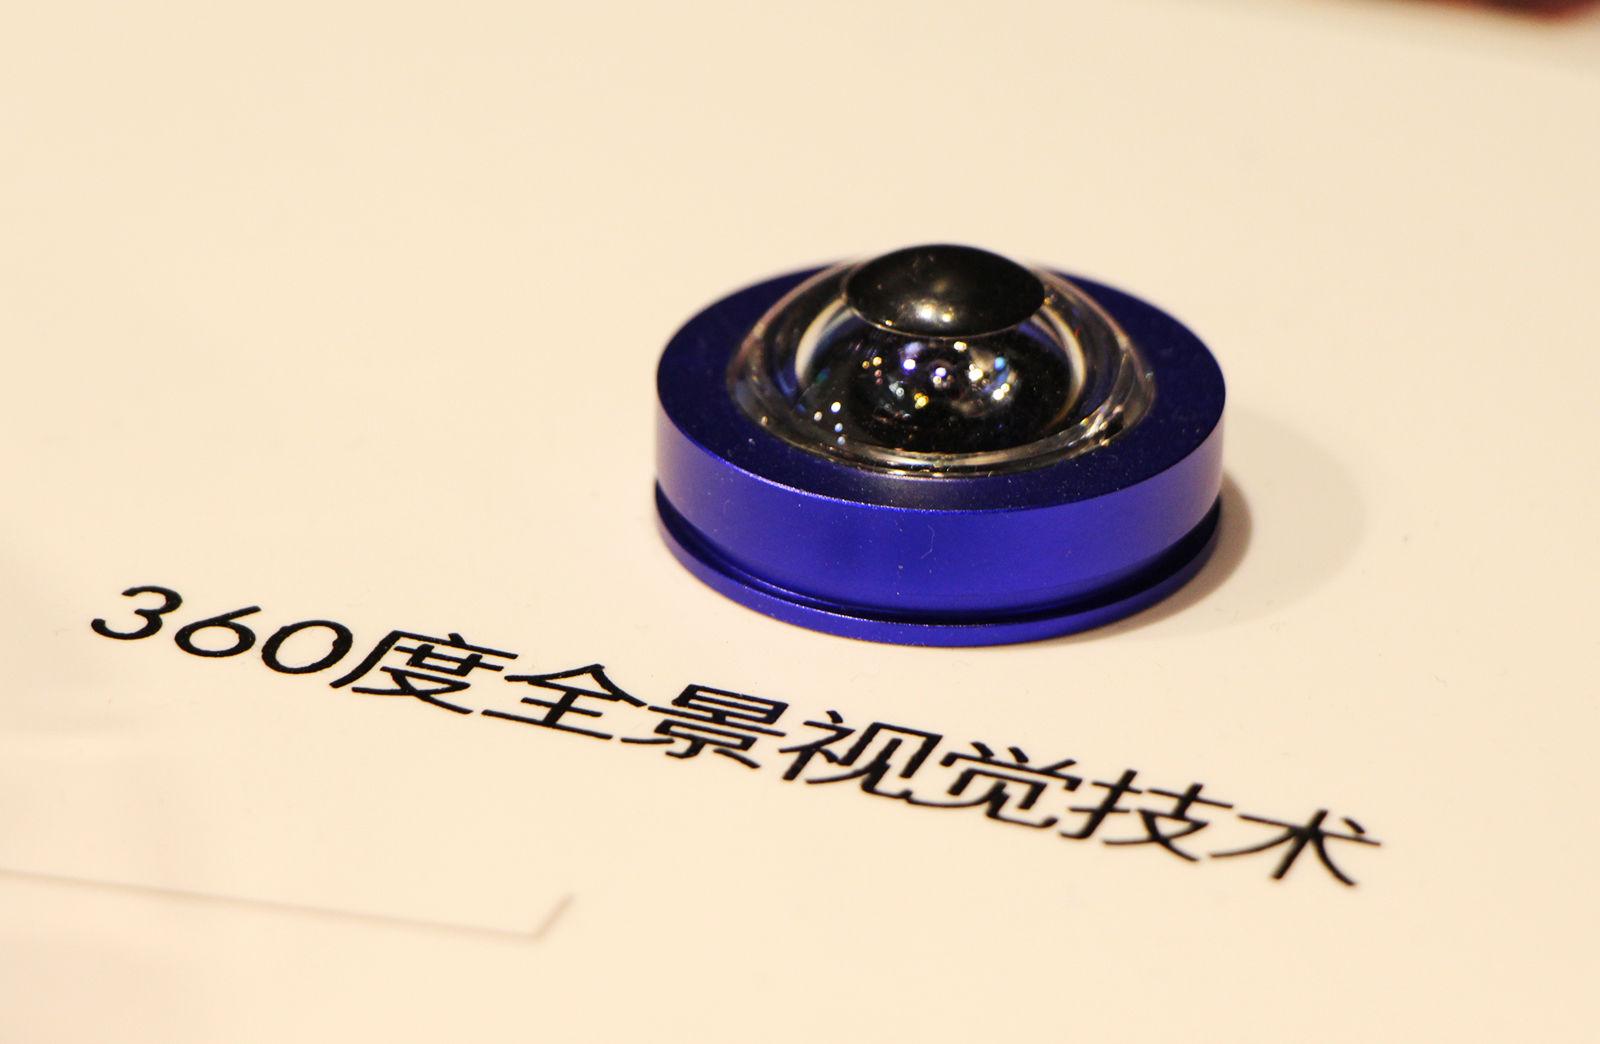 戴森 360 Eye 智能吸尘机器人体验 人工智能 第4张